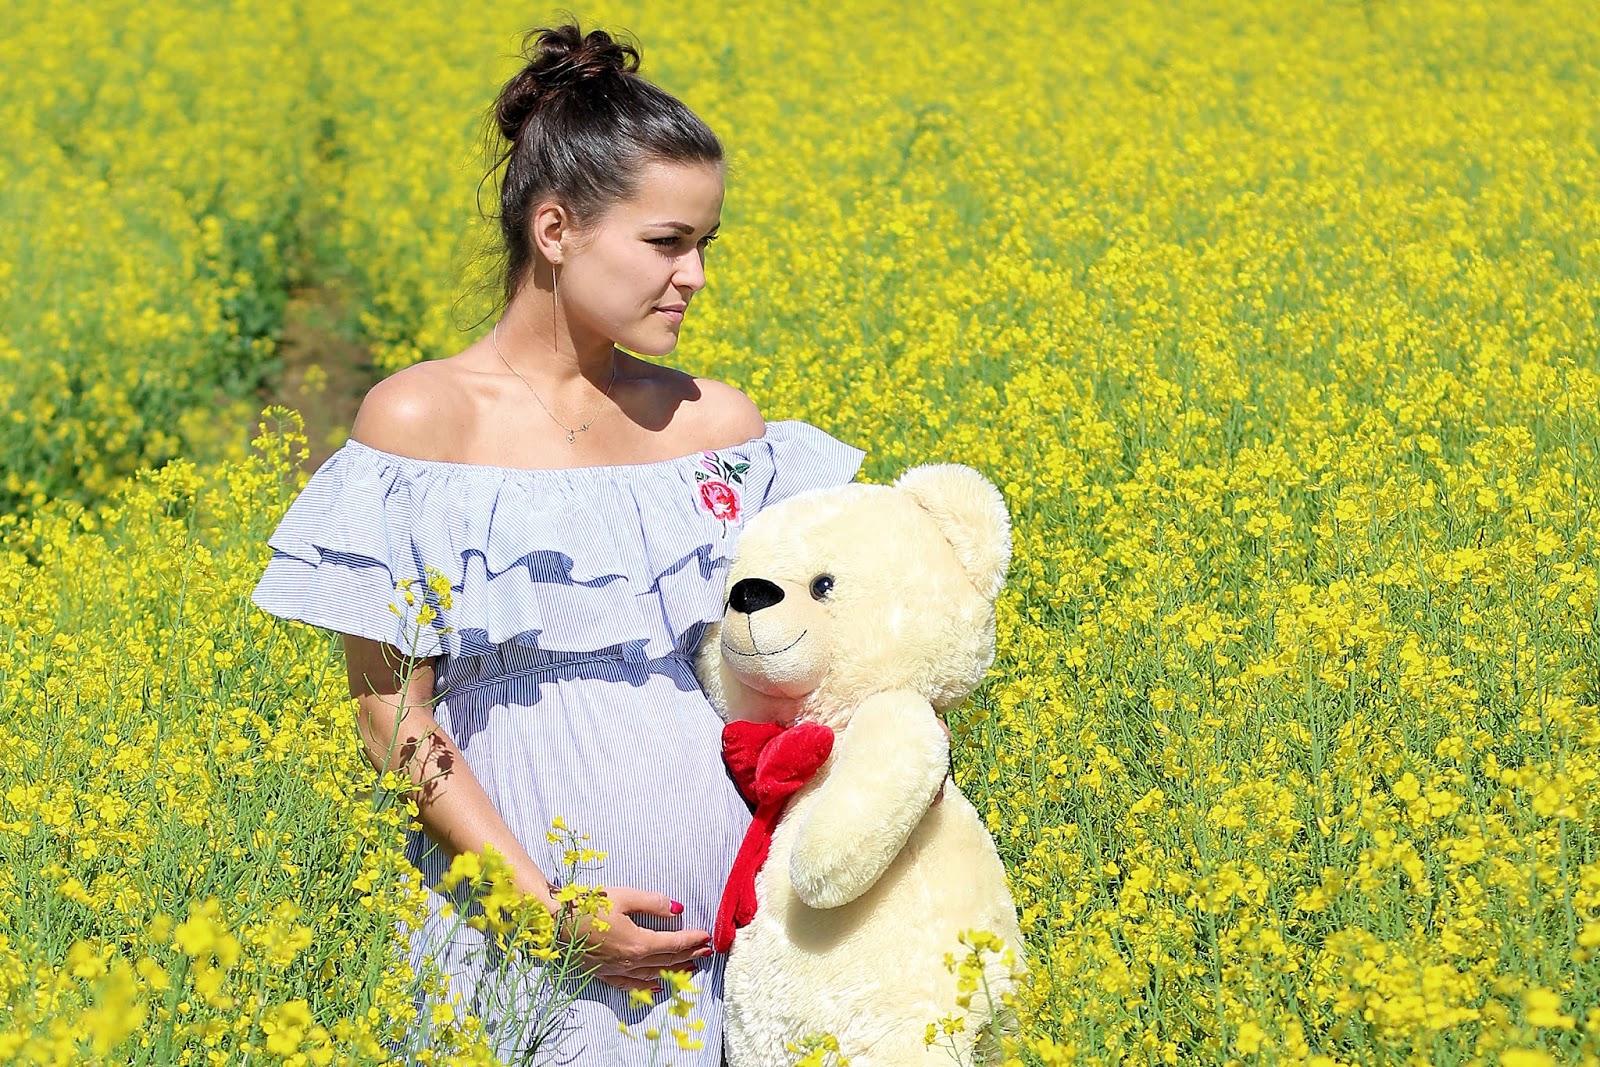 b3b39b699a0 Krista katsetab blogimist: Mis hädad raseduse ajal mind vaevavad ja ...